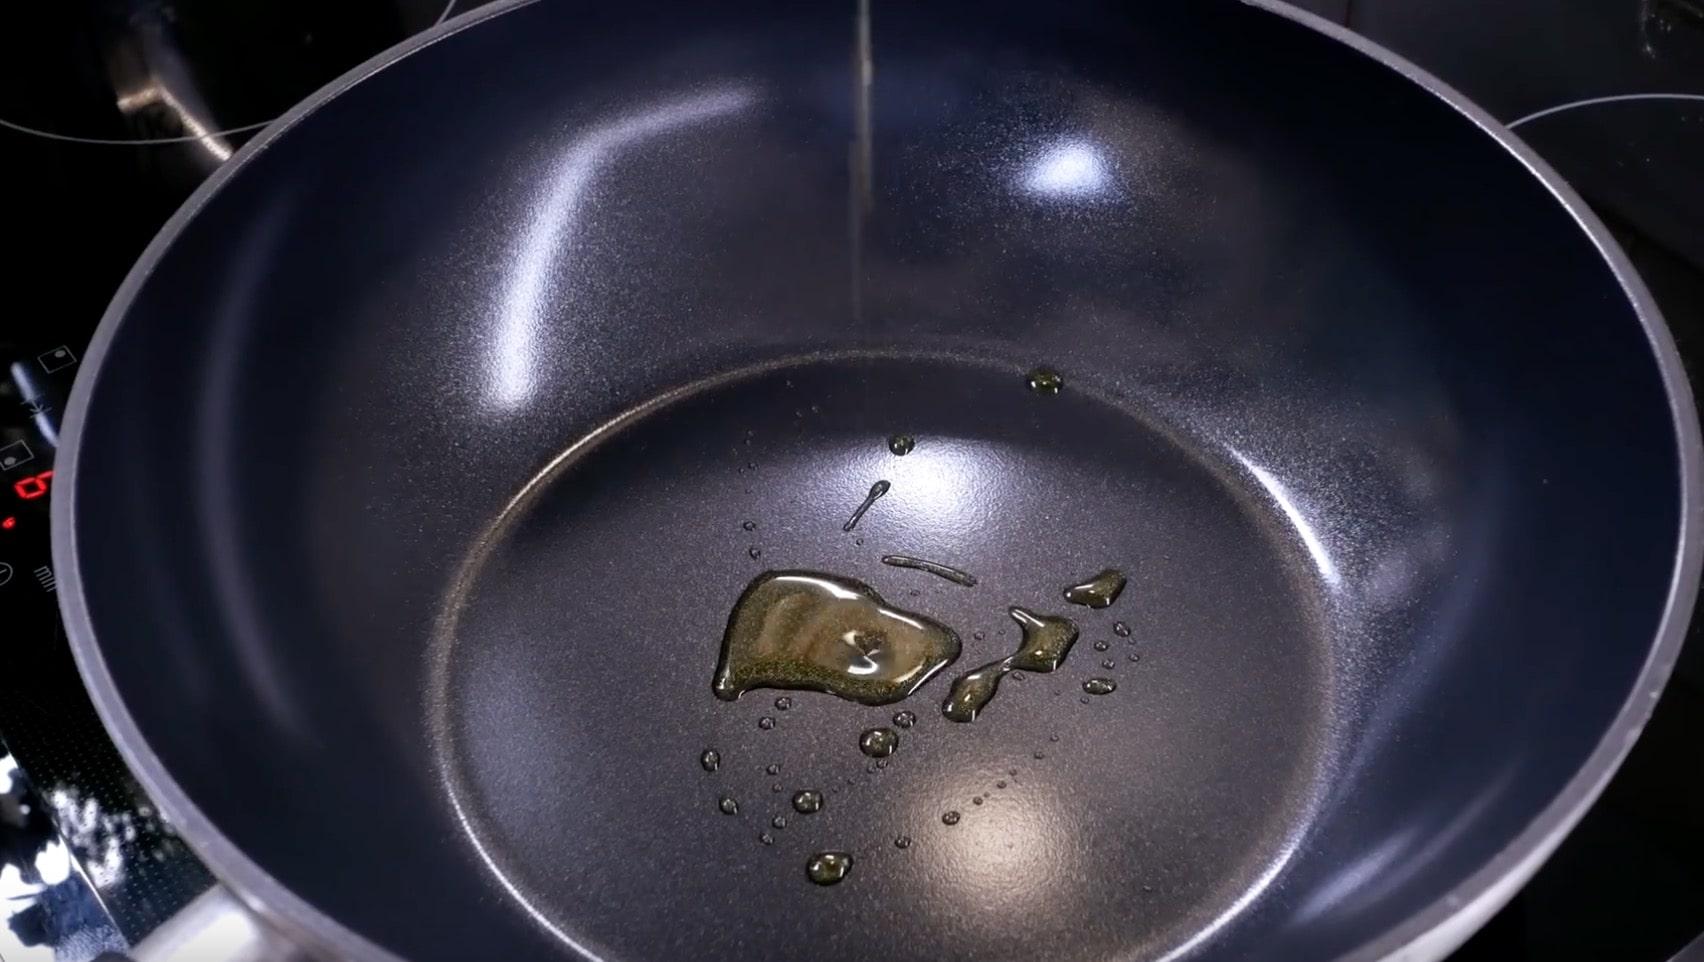 сибирская коллекция блины масло на сковородку